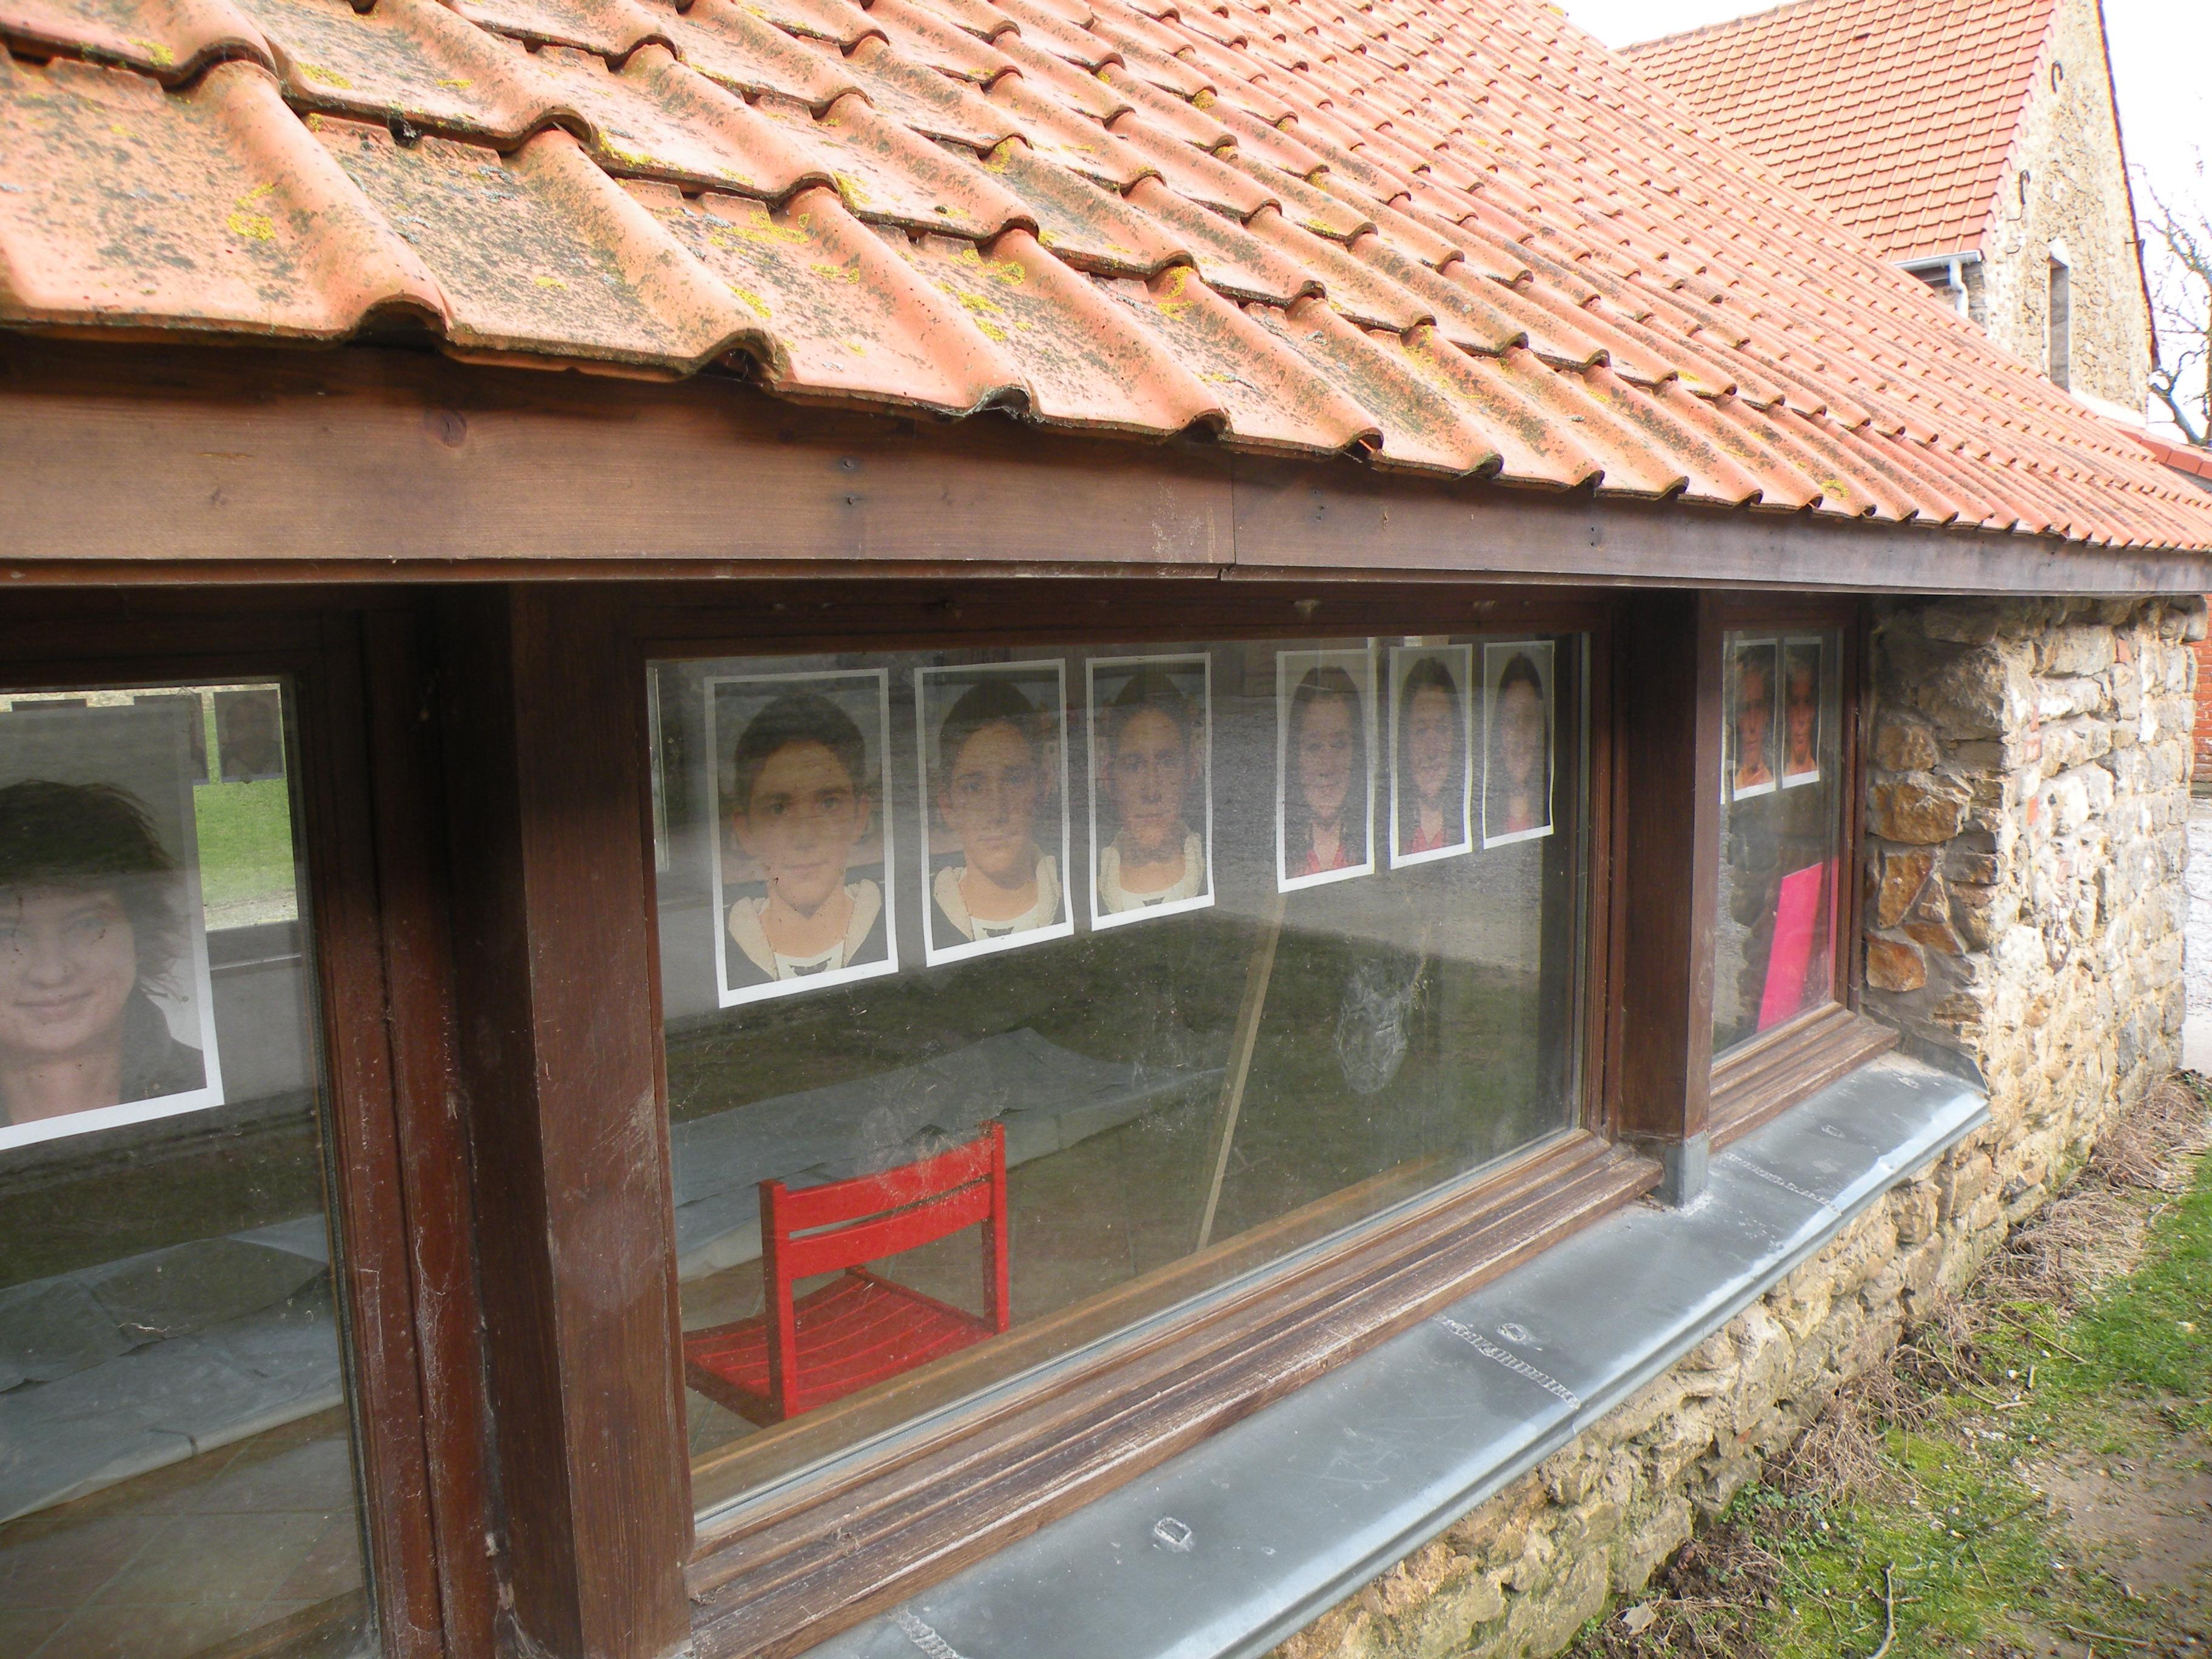 Dscn8884 les maisons des enfants de la c te d 39 opale - Maison des enfants de la cote d opale ...